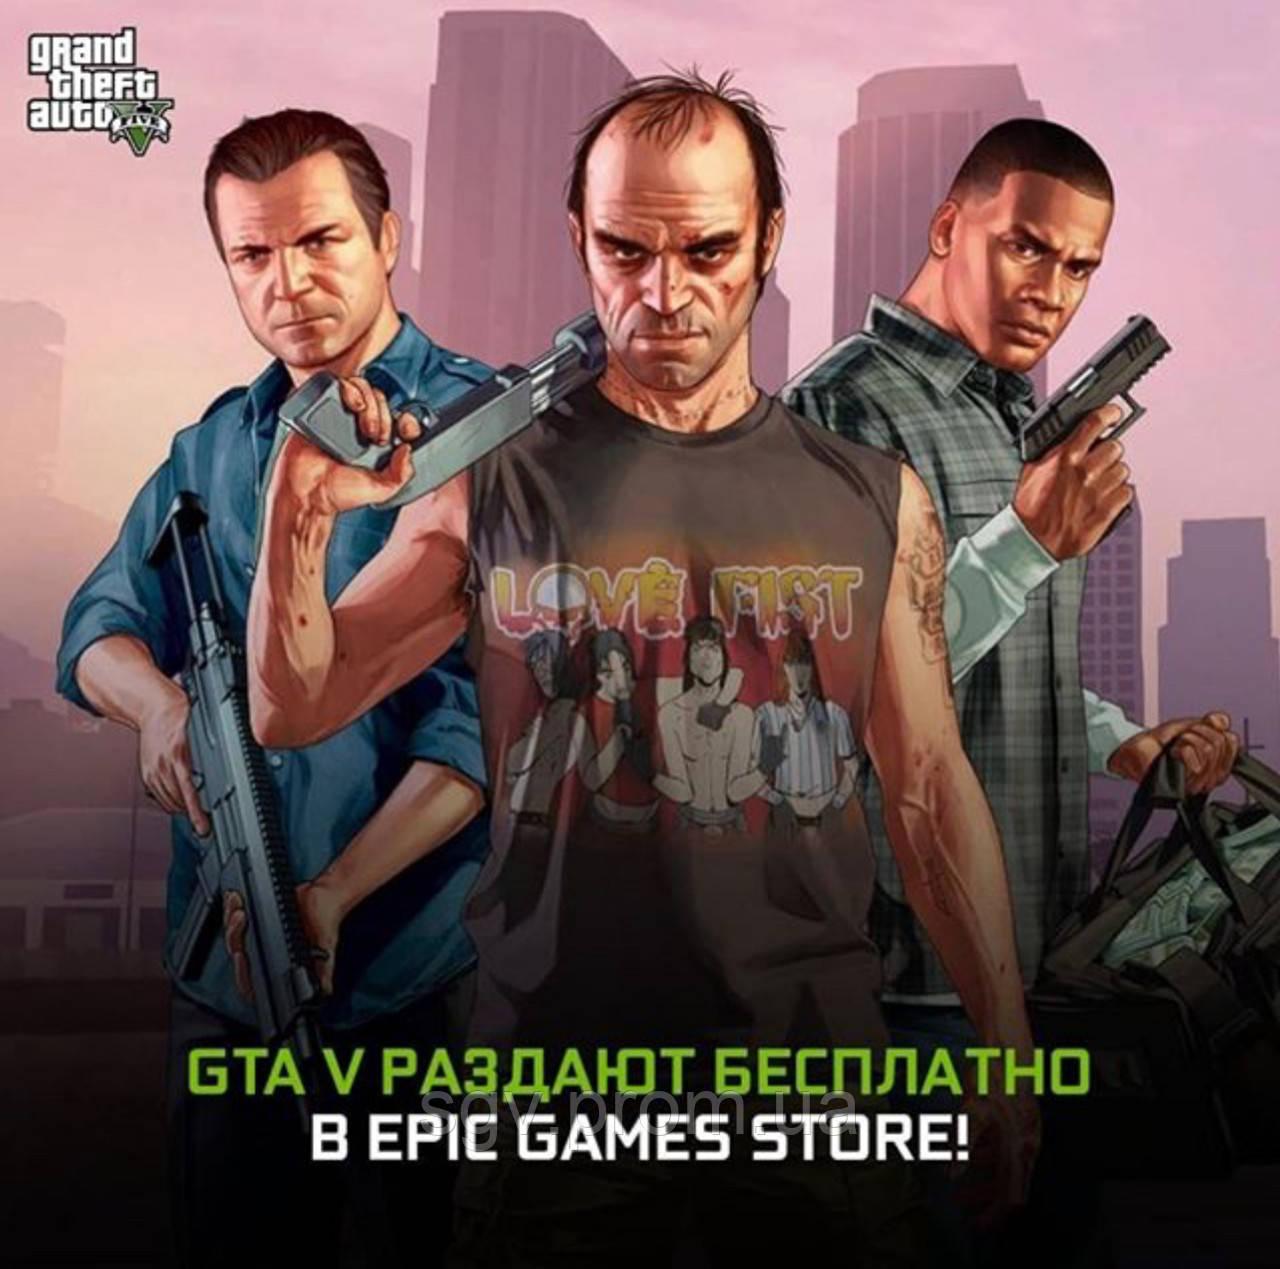 Эпики бесплатно раздают игру GTA 5 Premium Edition (раздача окончена)